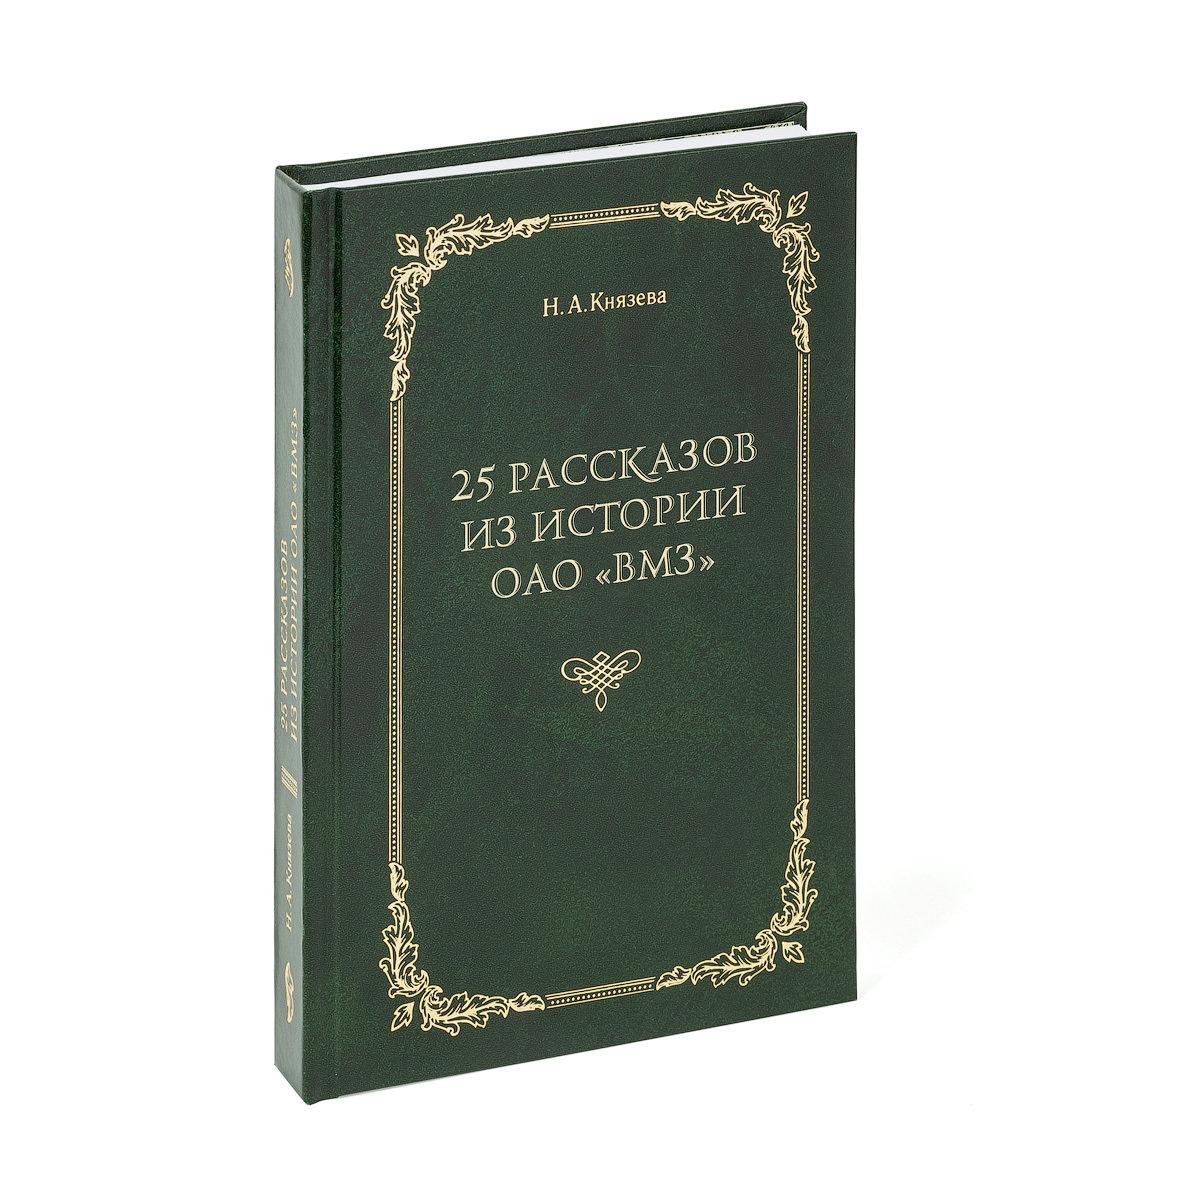 25 рассказов из истории ОАО «ВМЗ» — Надежда Князева 00000